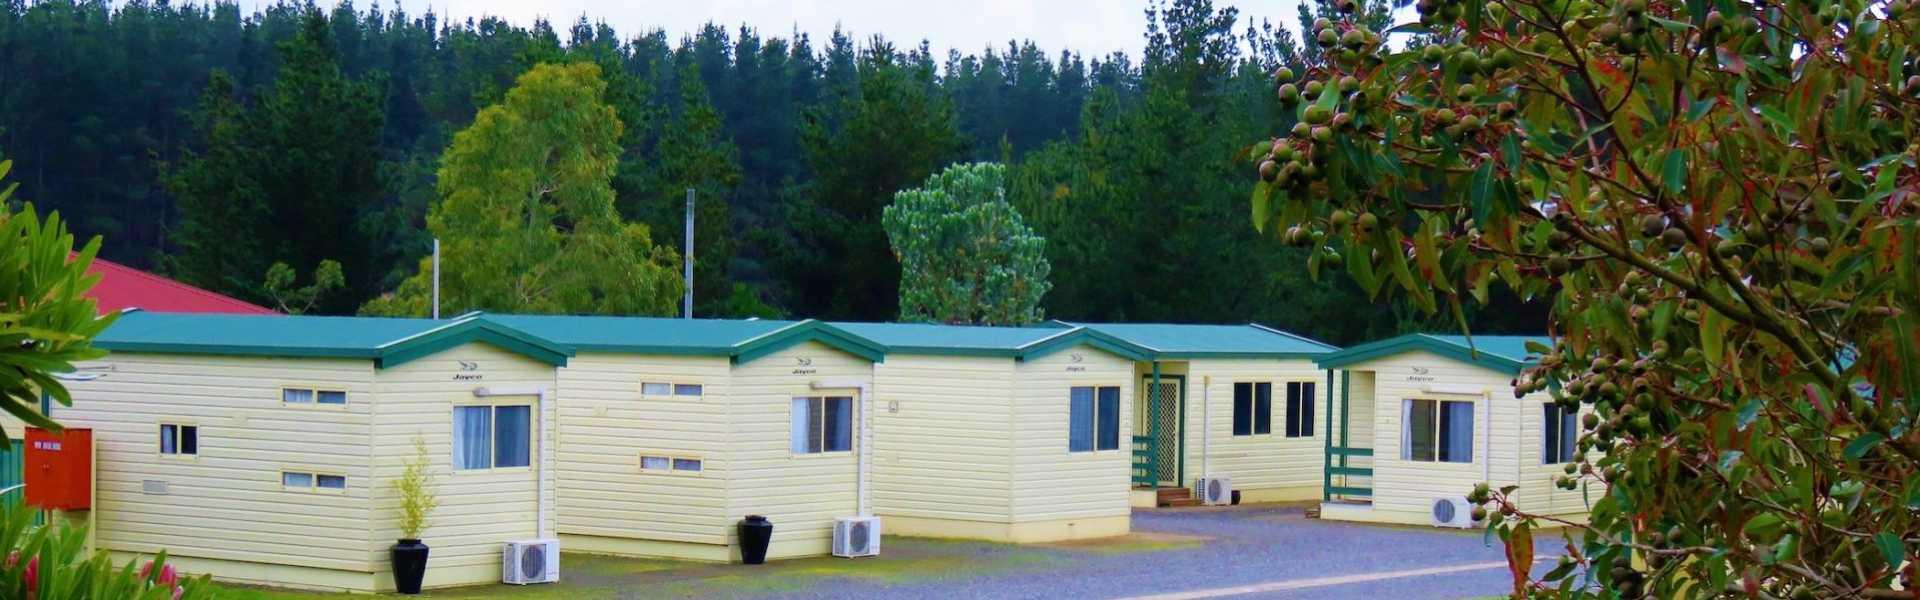 Kui Parks, Mt. Compass Caravan Park, Cabins